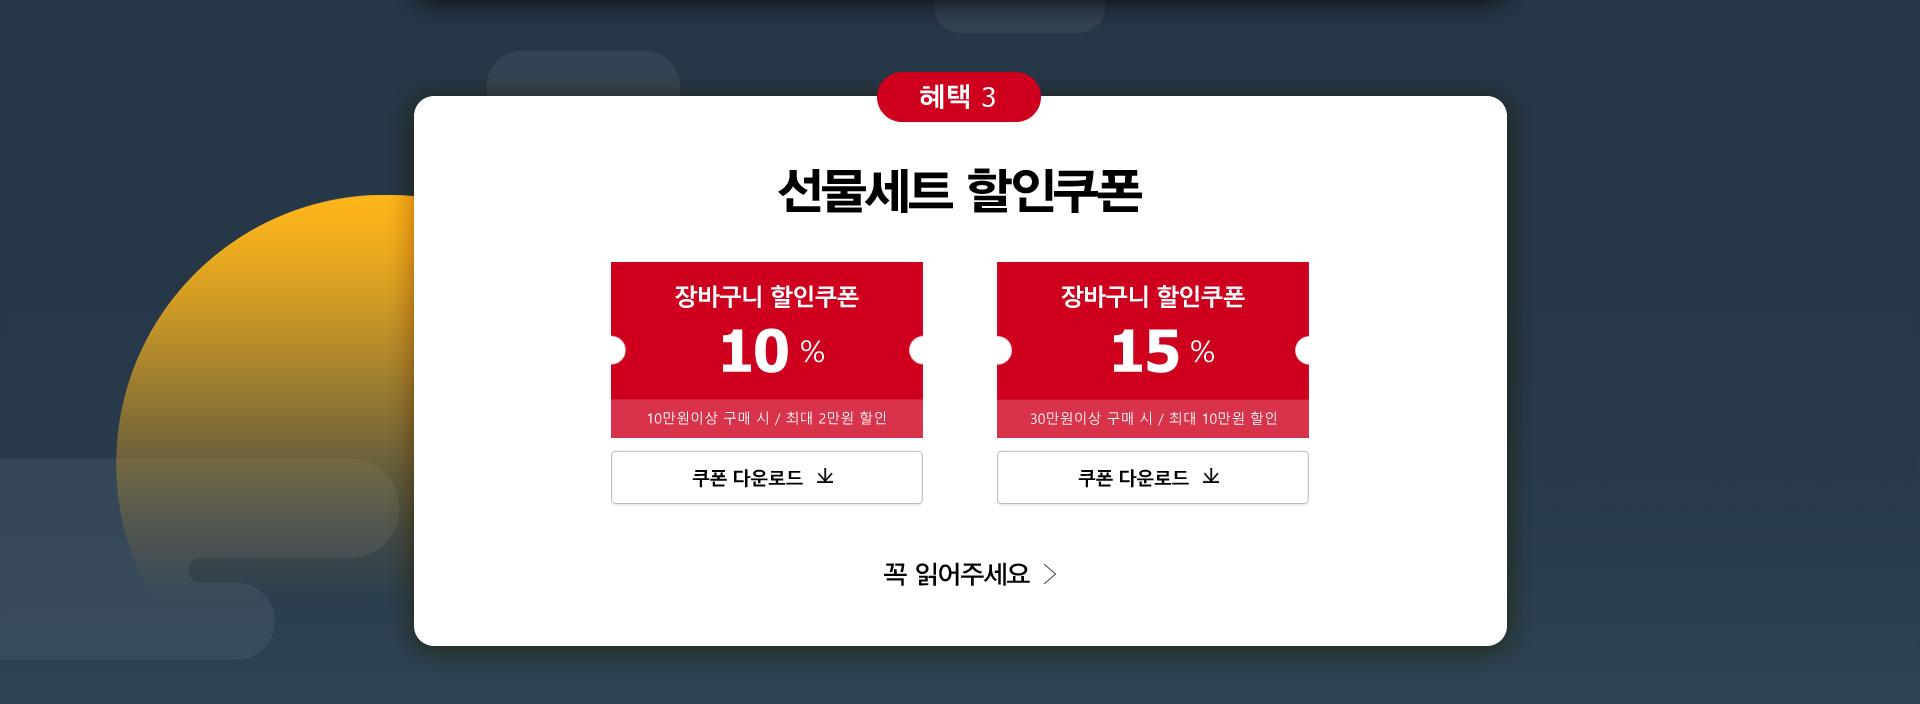 선물세트 할인쿠폰 장바구니10% 10만원 이상 구매시 최대 2만원 할인, 장바구니 할인쿠폰 15% 30만원 이상 구매시 최대 10만원 할인